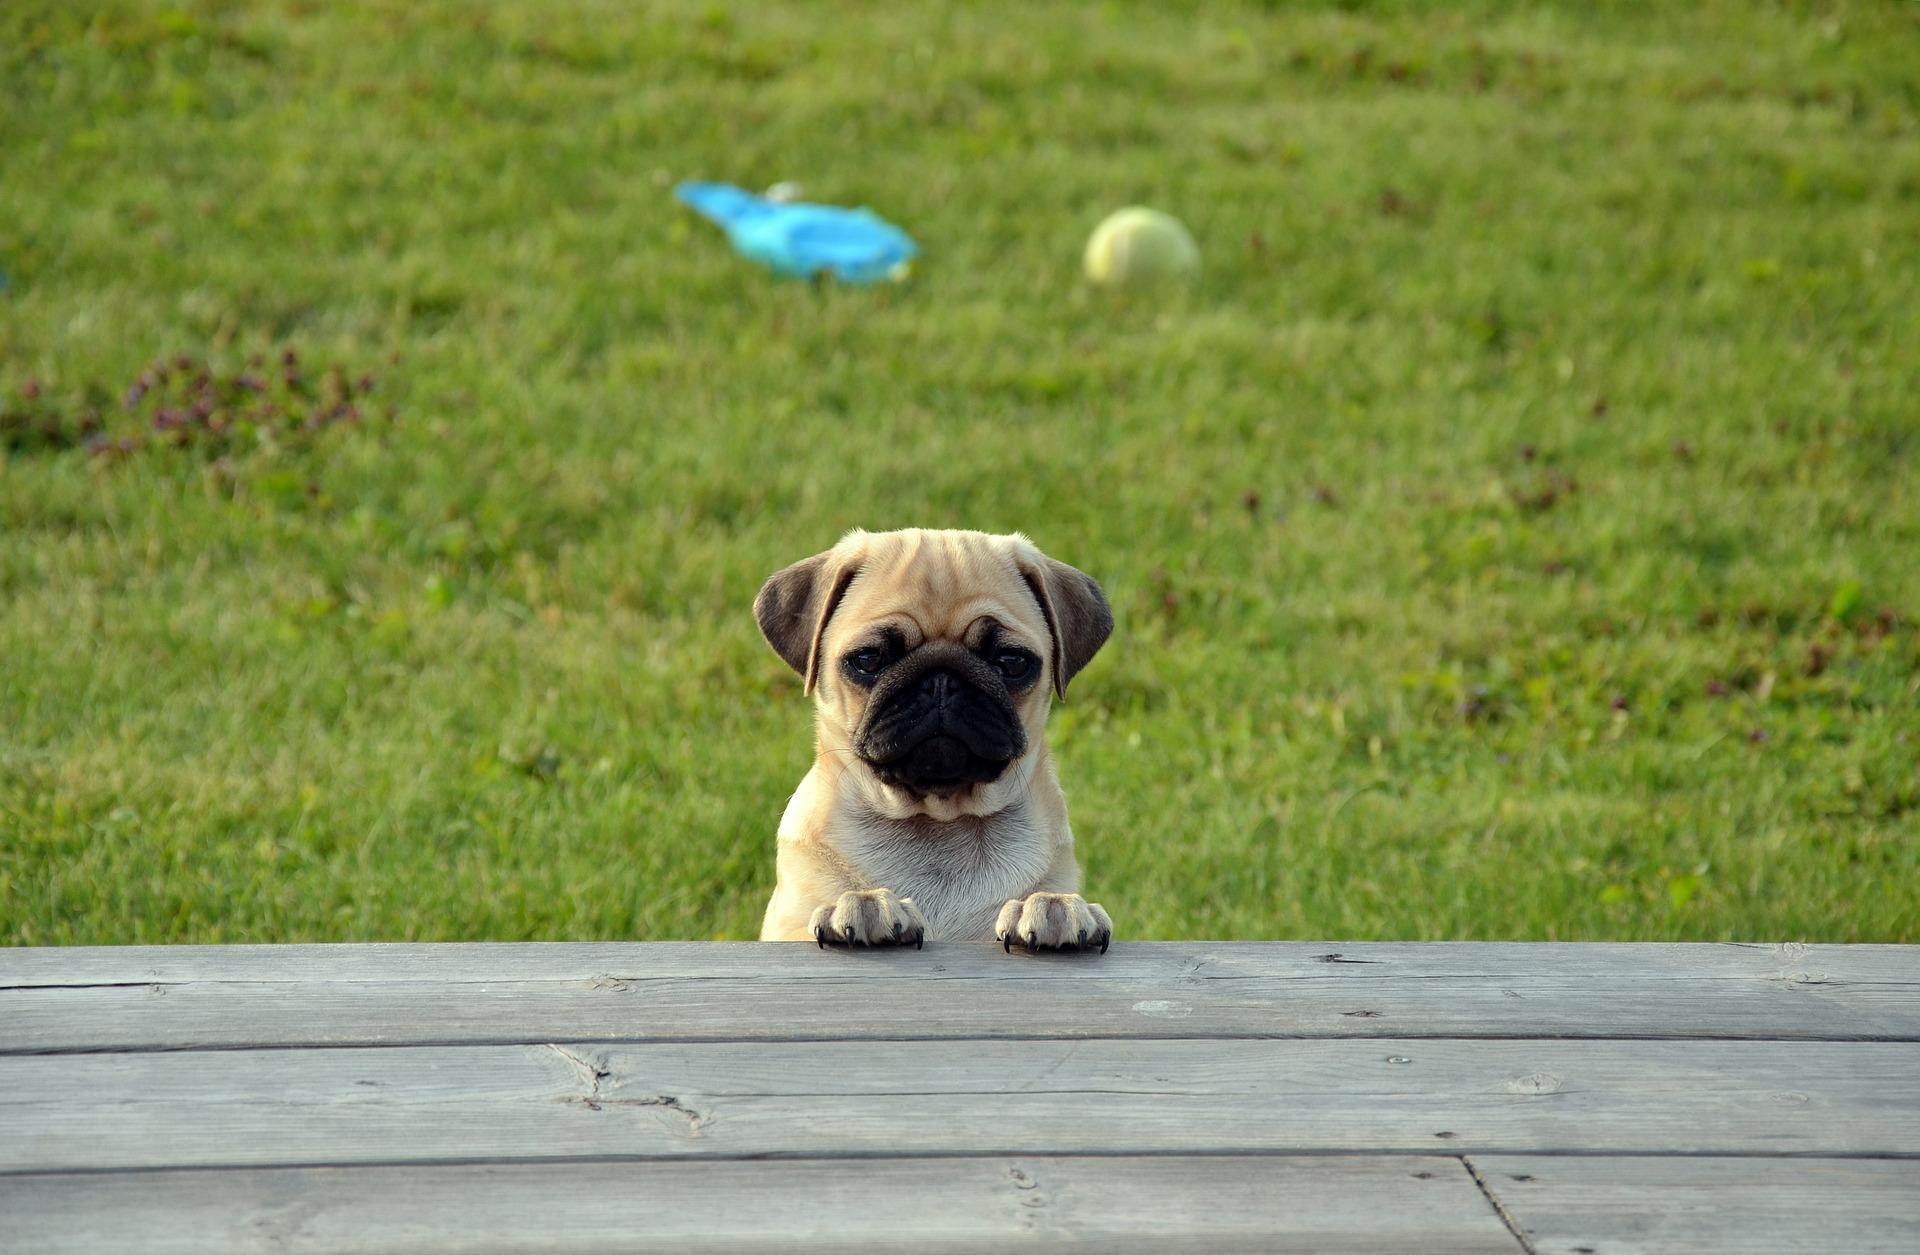 O-ZEN Portfolio Training Mensch und Hund - Hund aleine